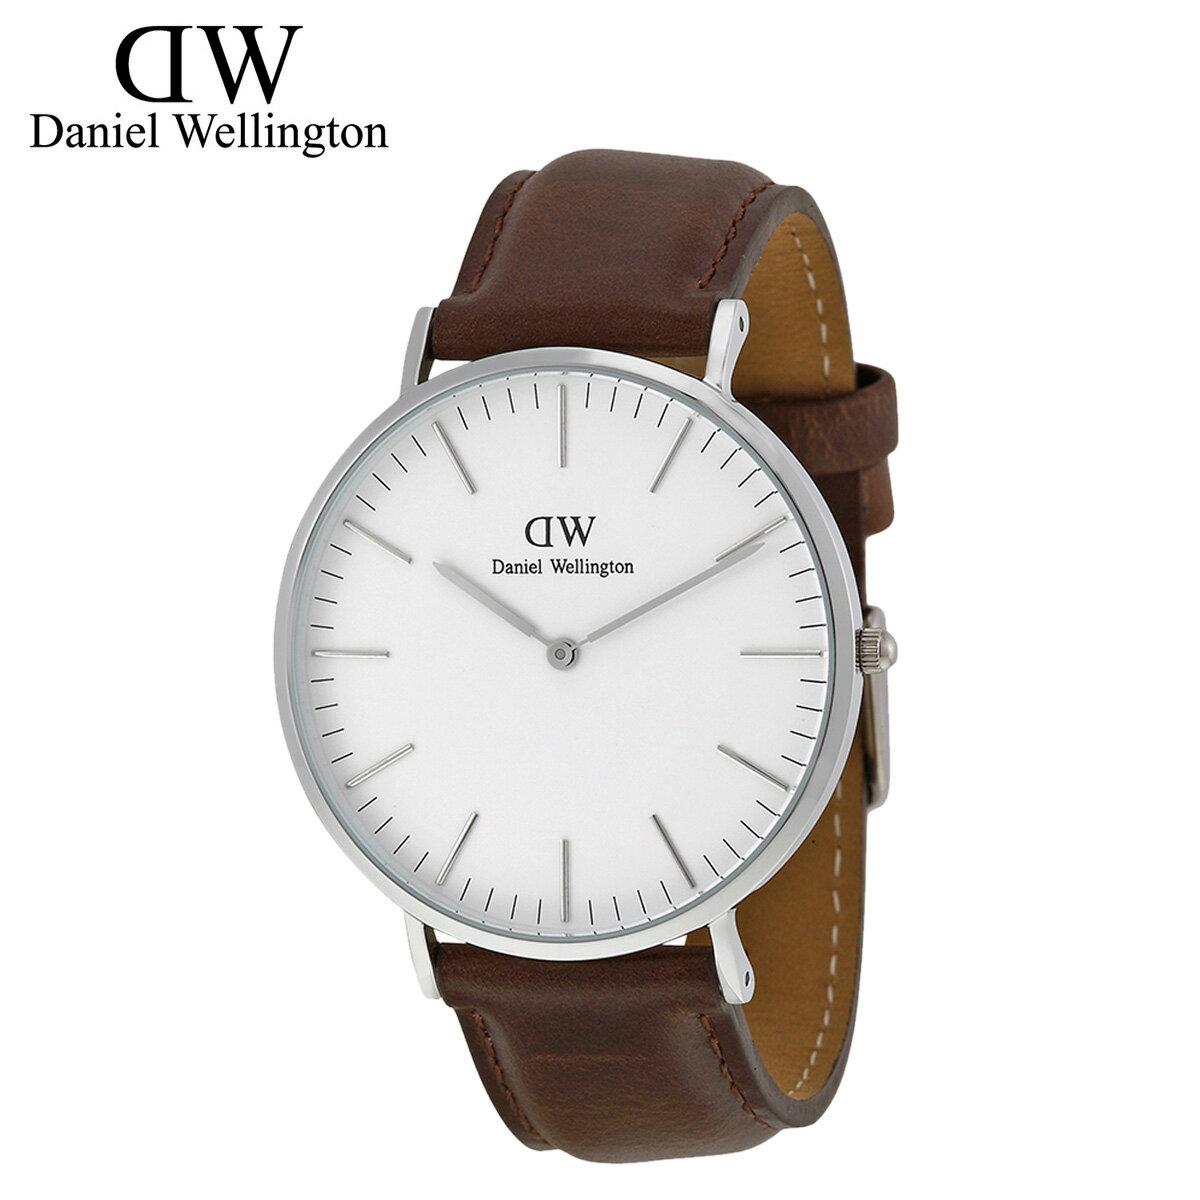 ダニエルウェリントン Daniel Wellington 40mm 腕時計 メンズ  CLASSIC BRISTOL  シルバー レザー [S20]  送料無料  ダニエル ウェリントン Daniel Wellington 腕時計 40ミリ 正規  通販